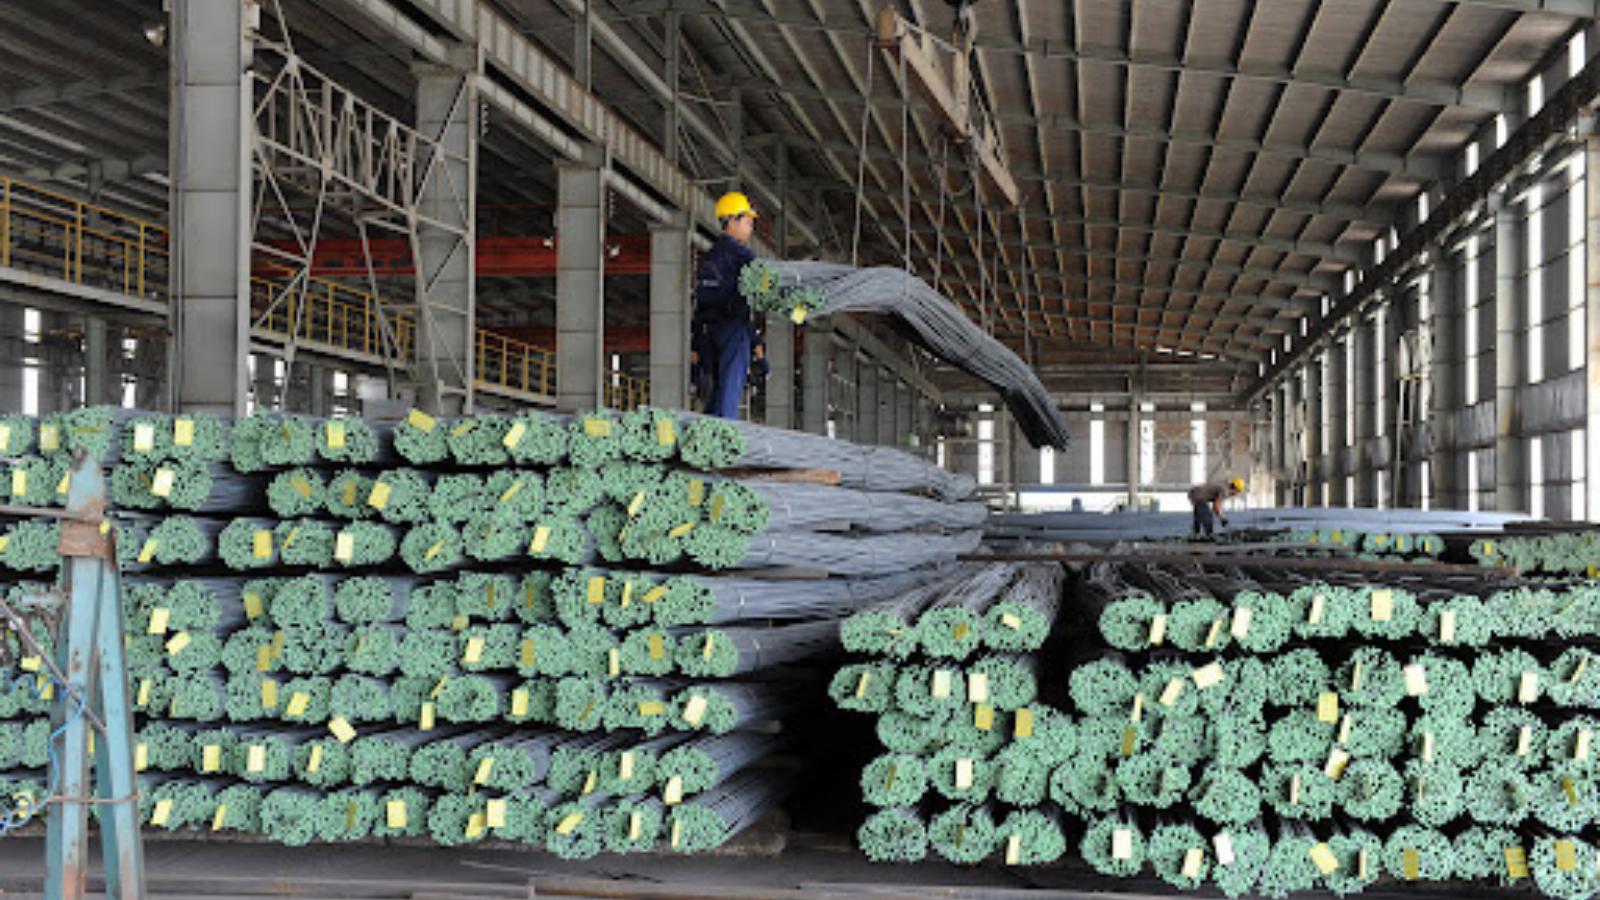 Giá Sắt Thép 24h - Đơn vị cung cấp thép xây dựng uy tín chuyên nghiệp